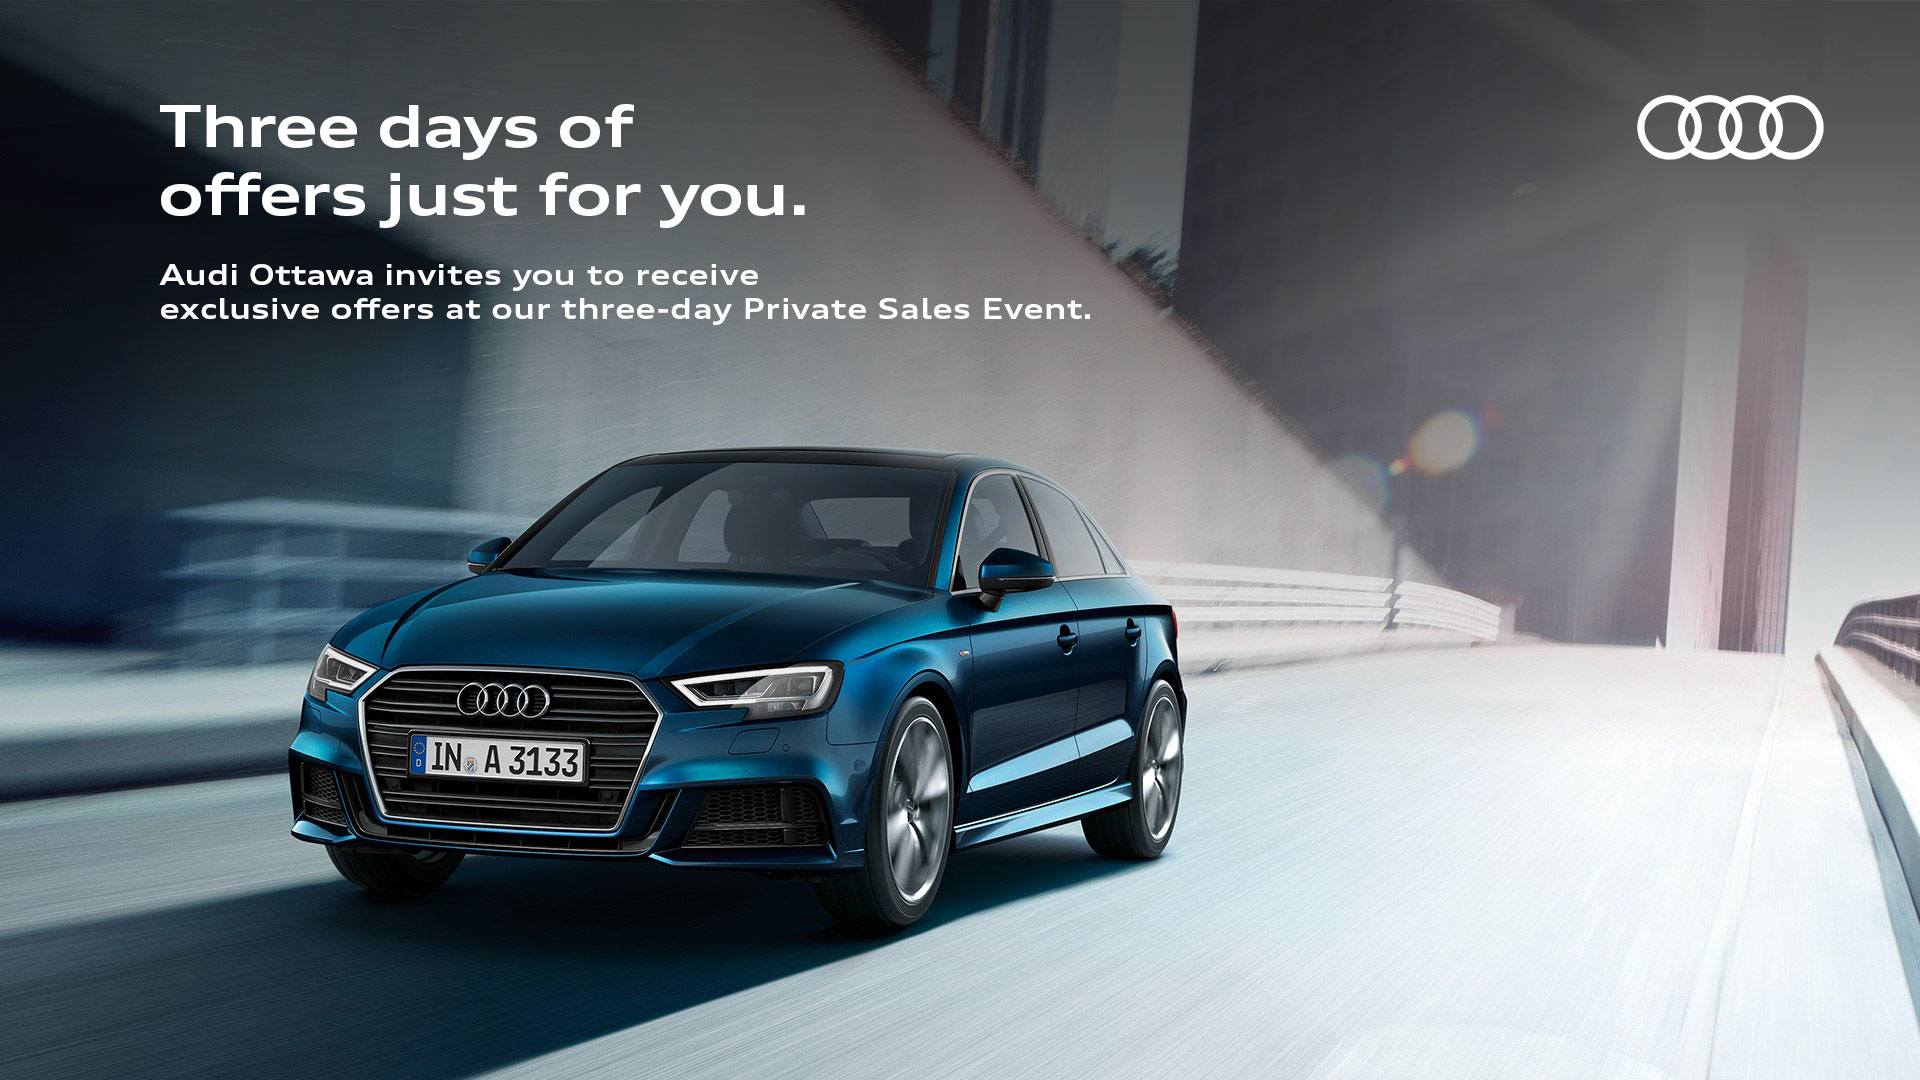 Audi_Ottawa_1920x1080_ENG001